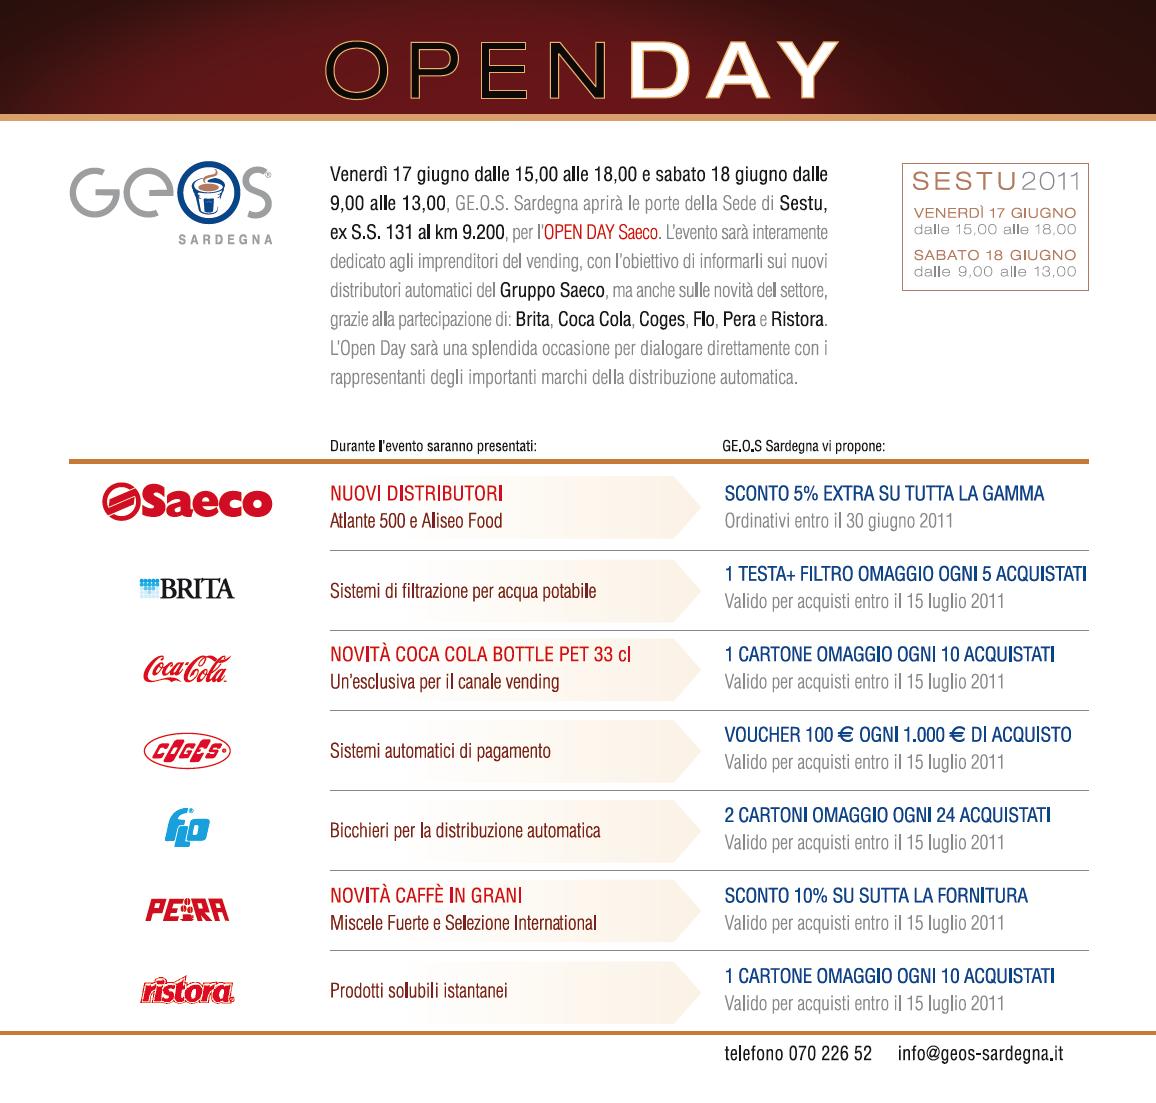 Geos_Openday_invito